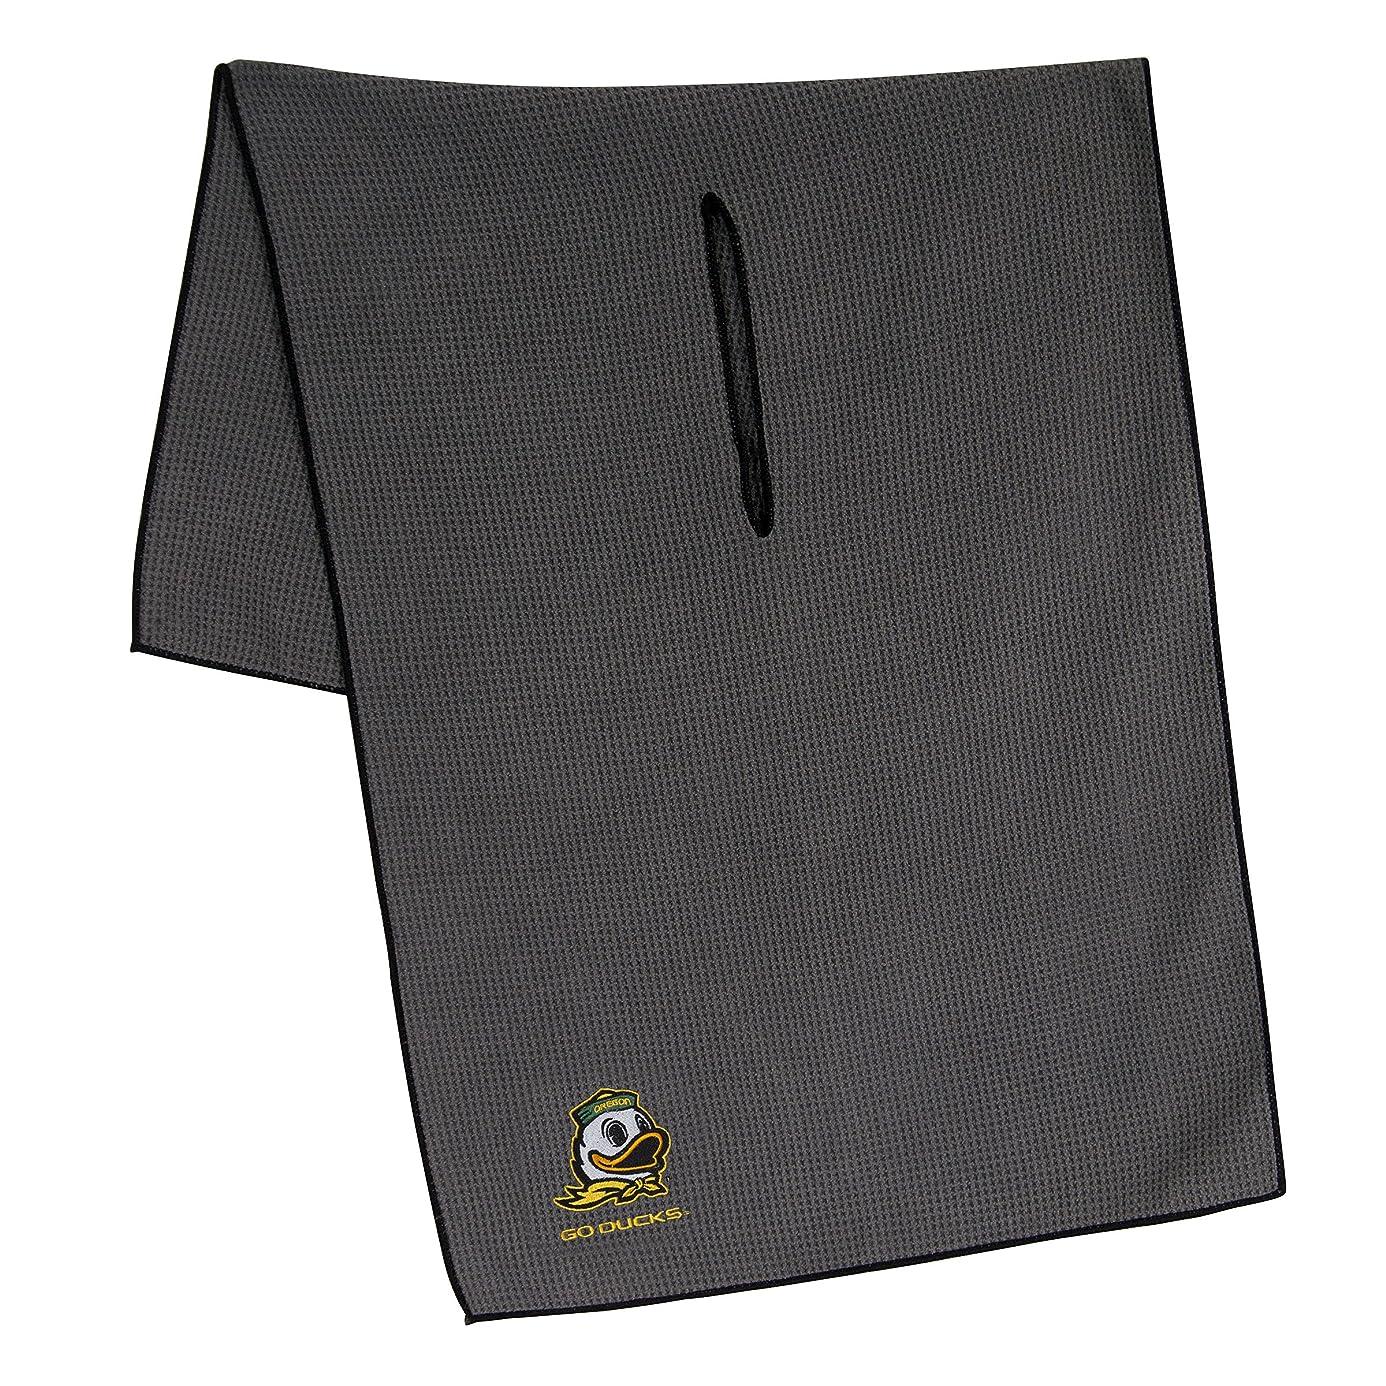 Team Effort Collegiate Grey Microfiber Towel